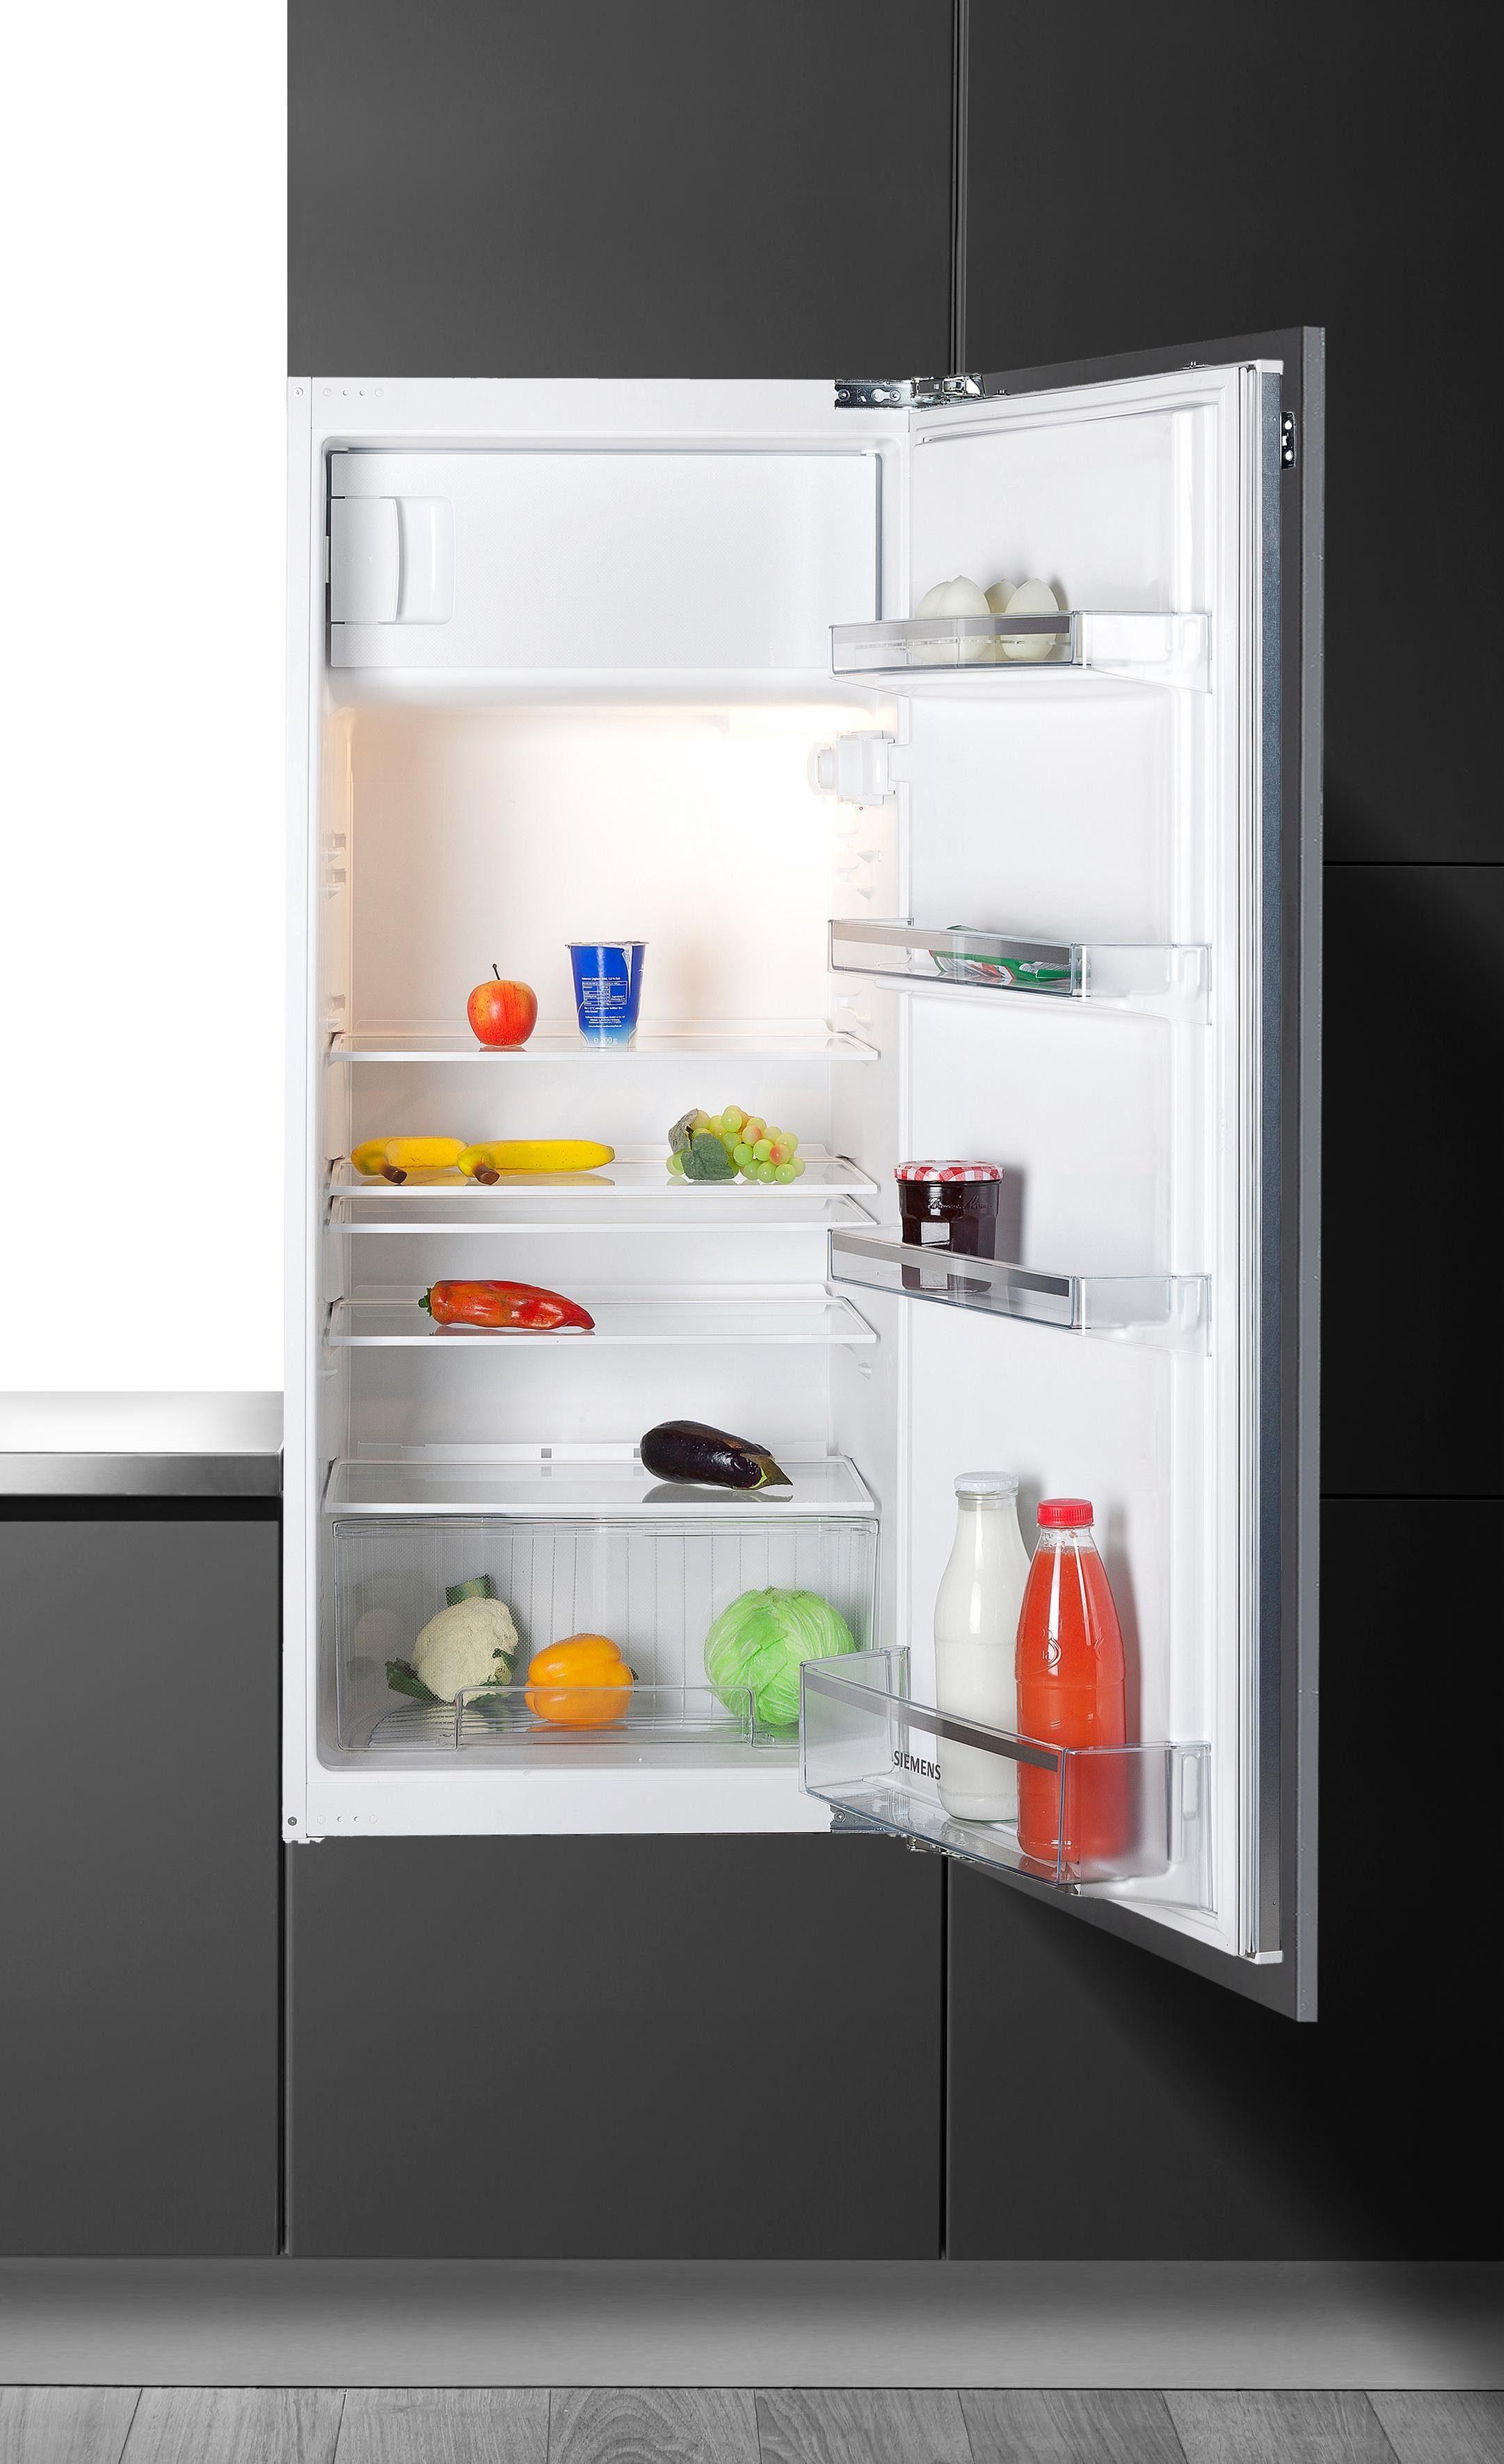 Siemens integrierbarer Einbau-Kühlschrank KI24LV60, A++, 122,5 cm, mit Gefrierfach